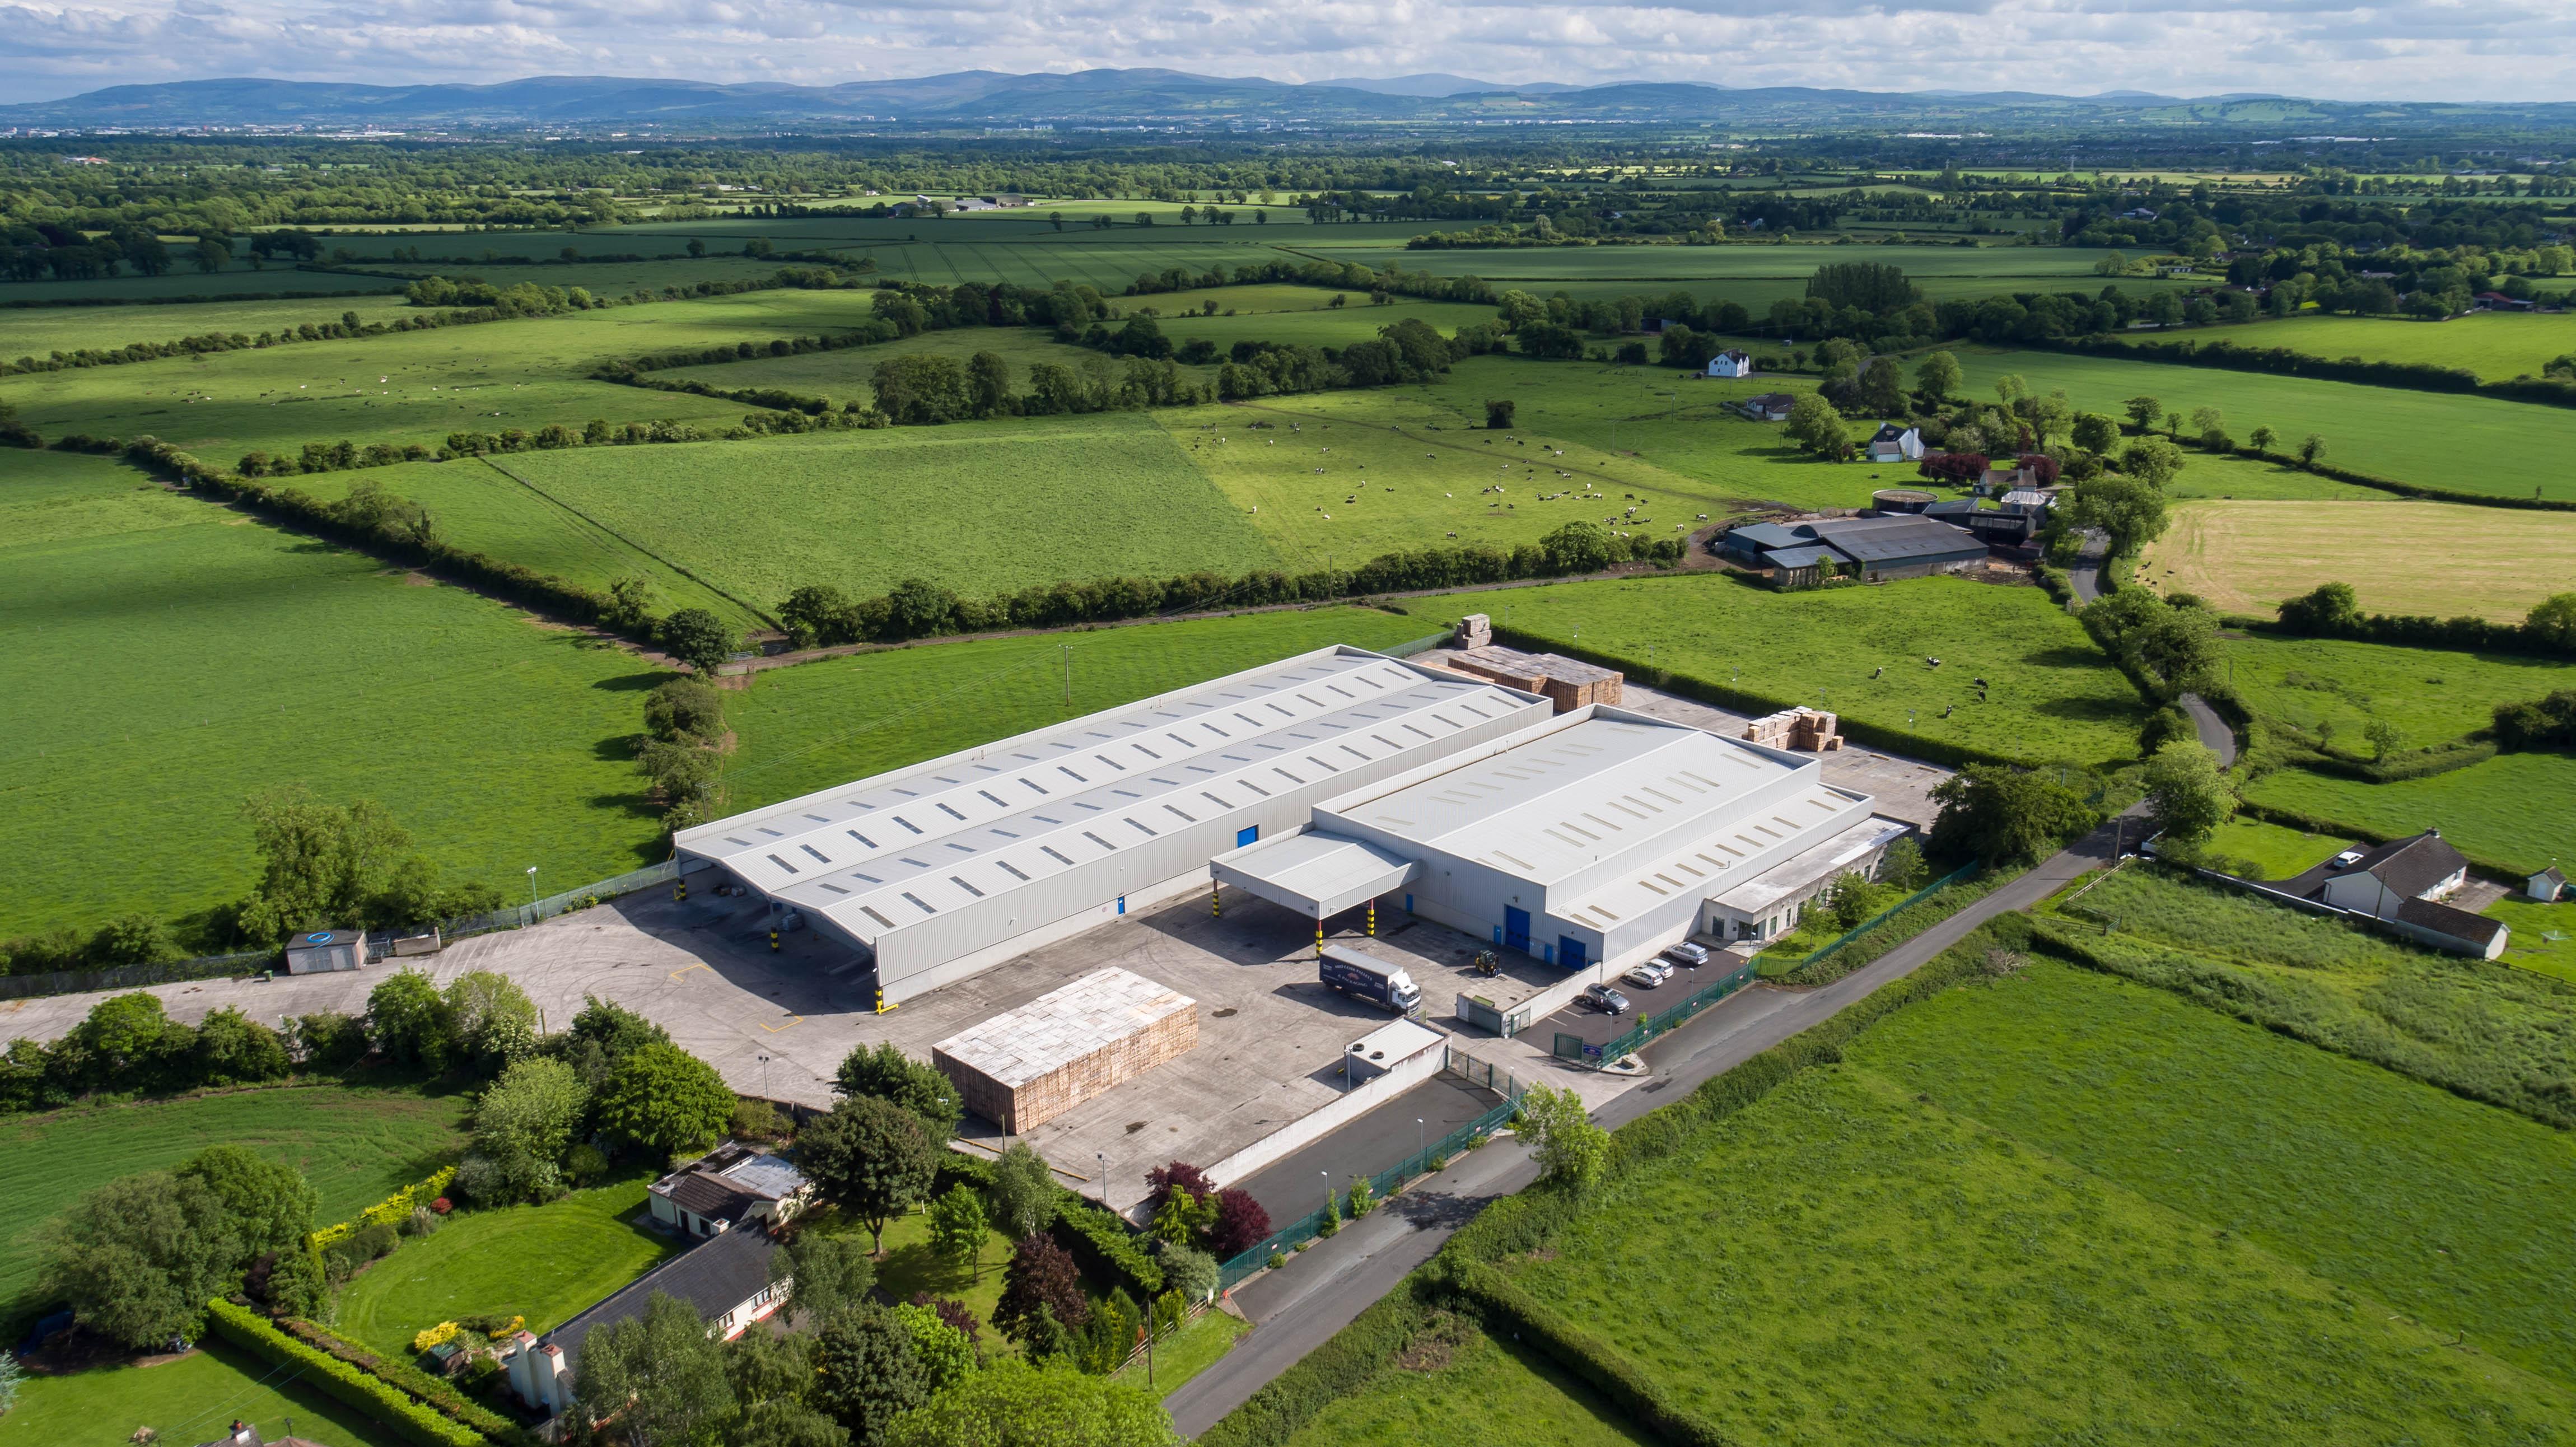 Warehouse Aerials